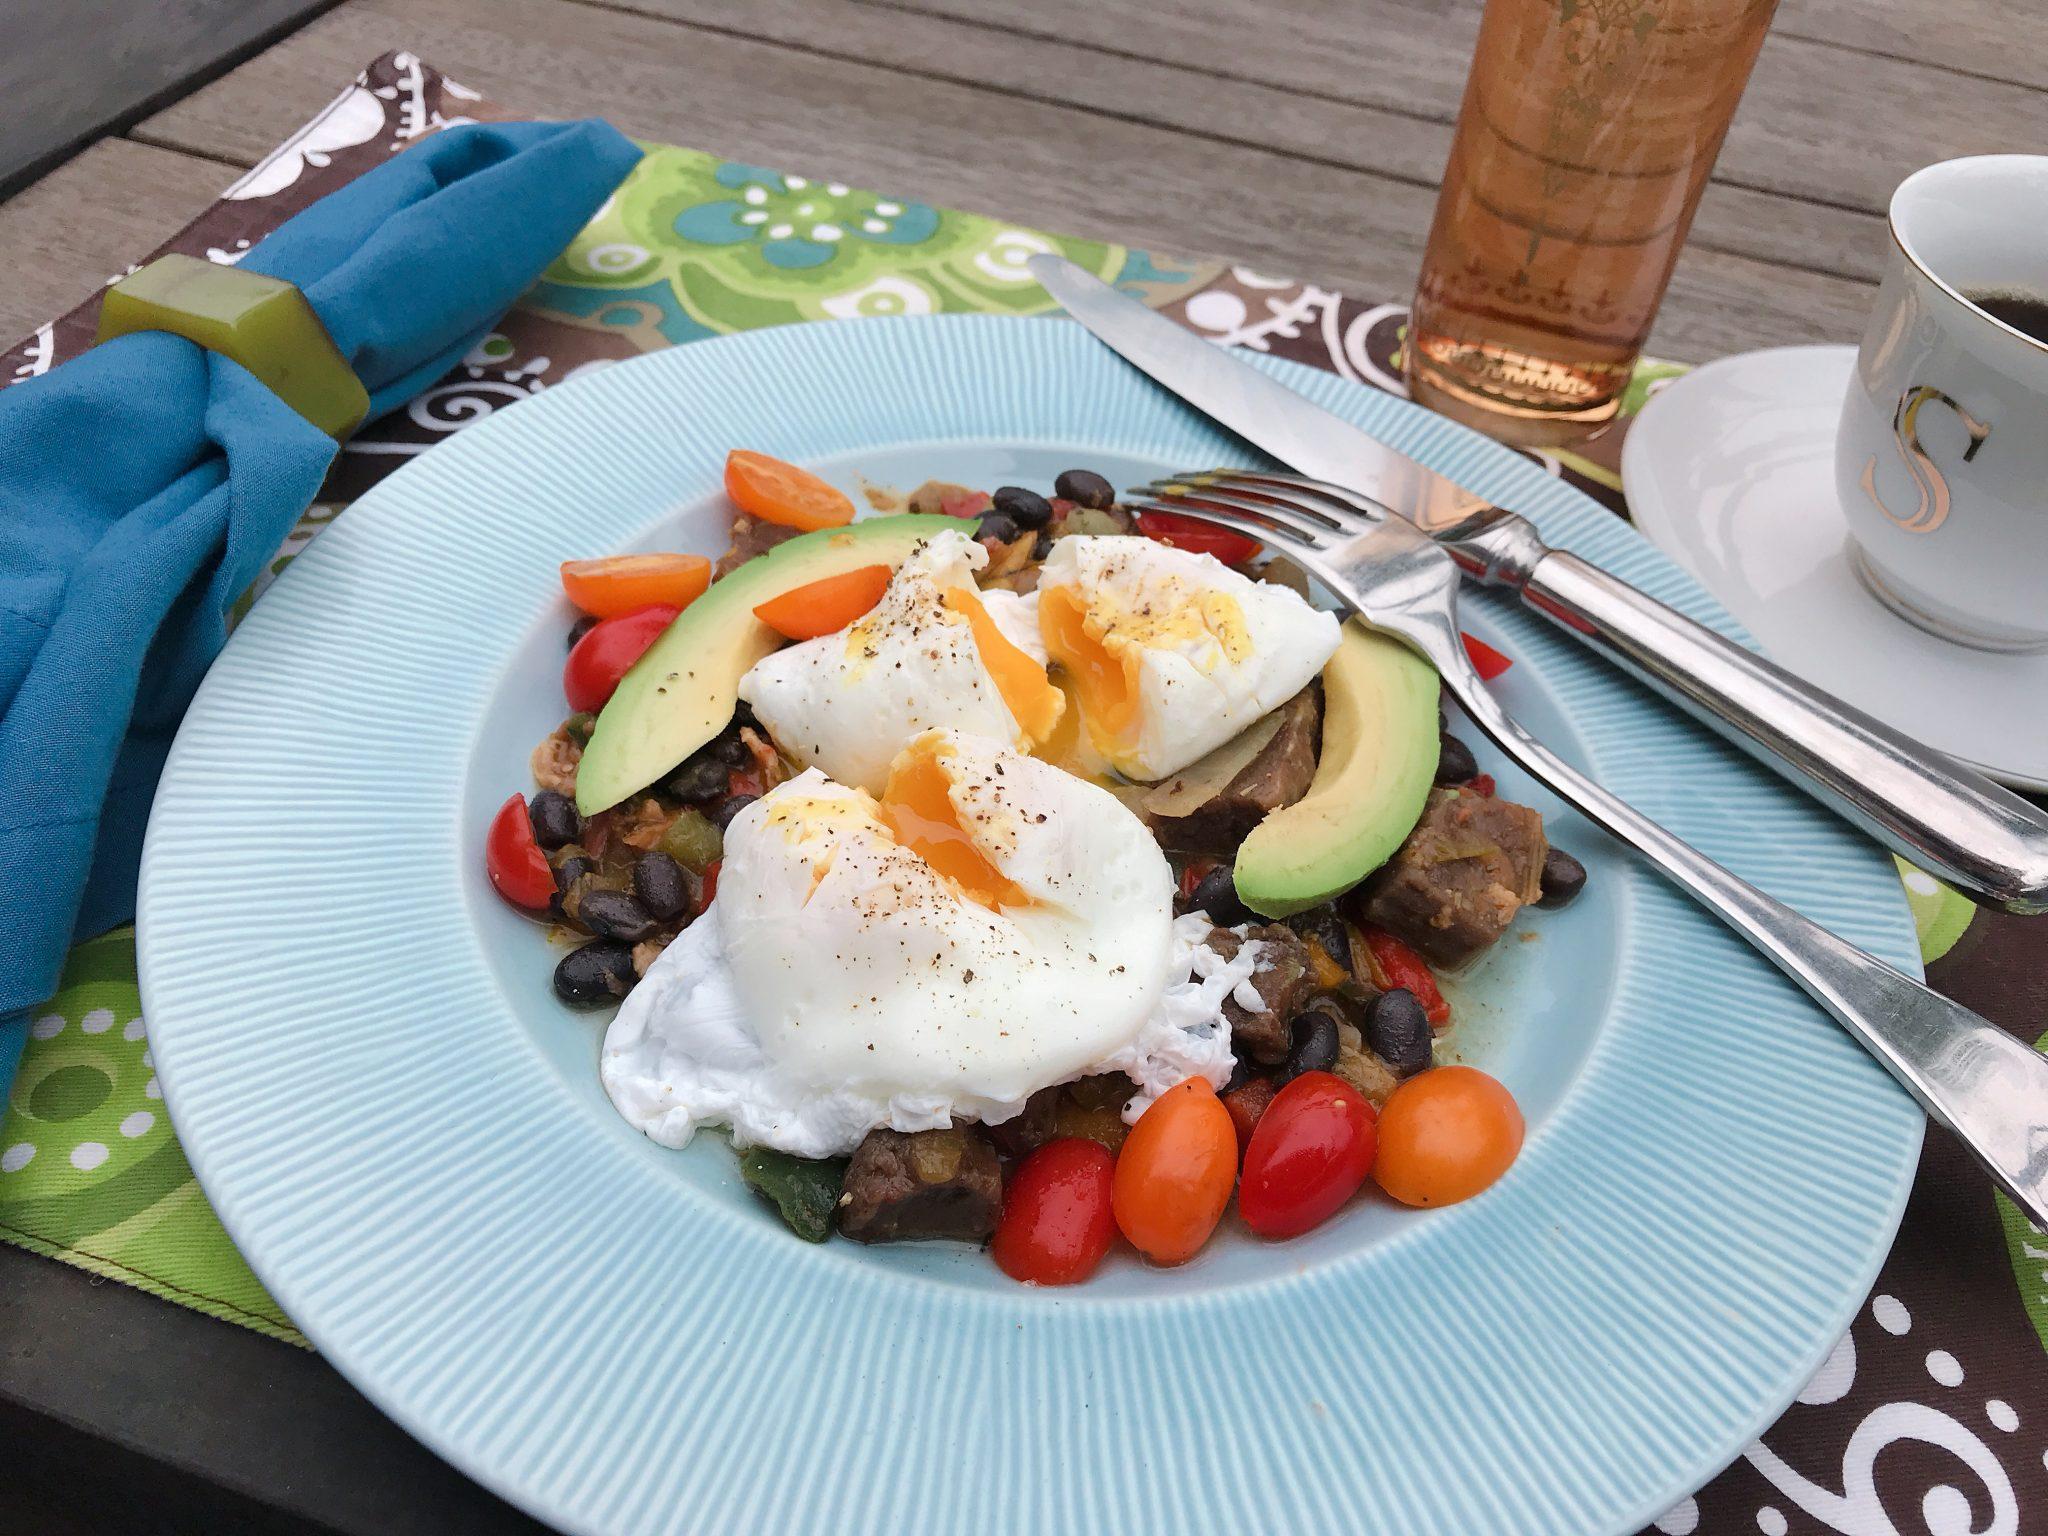 Ranchero Steak & Beans breakfast skillet Omaha Steaks